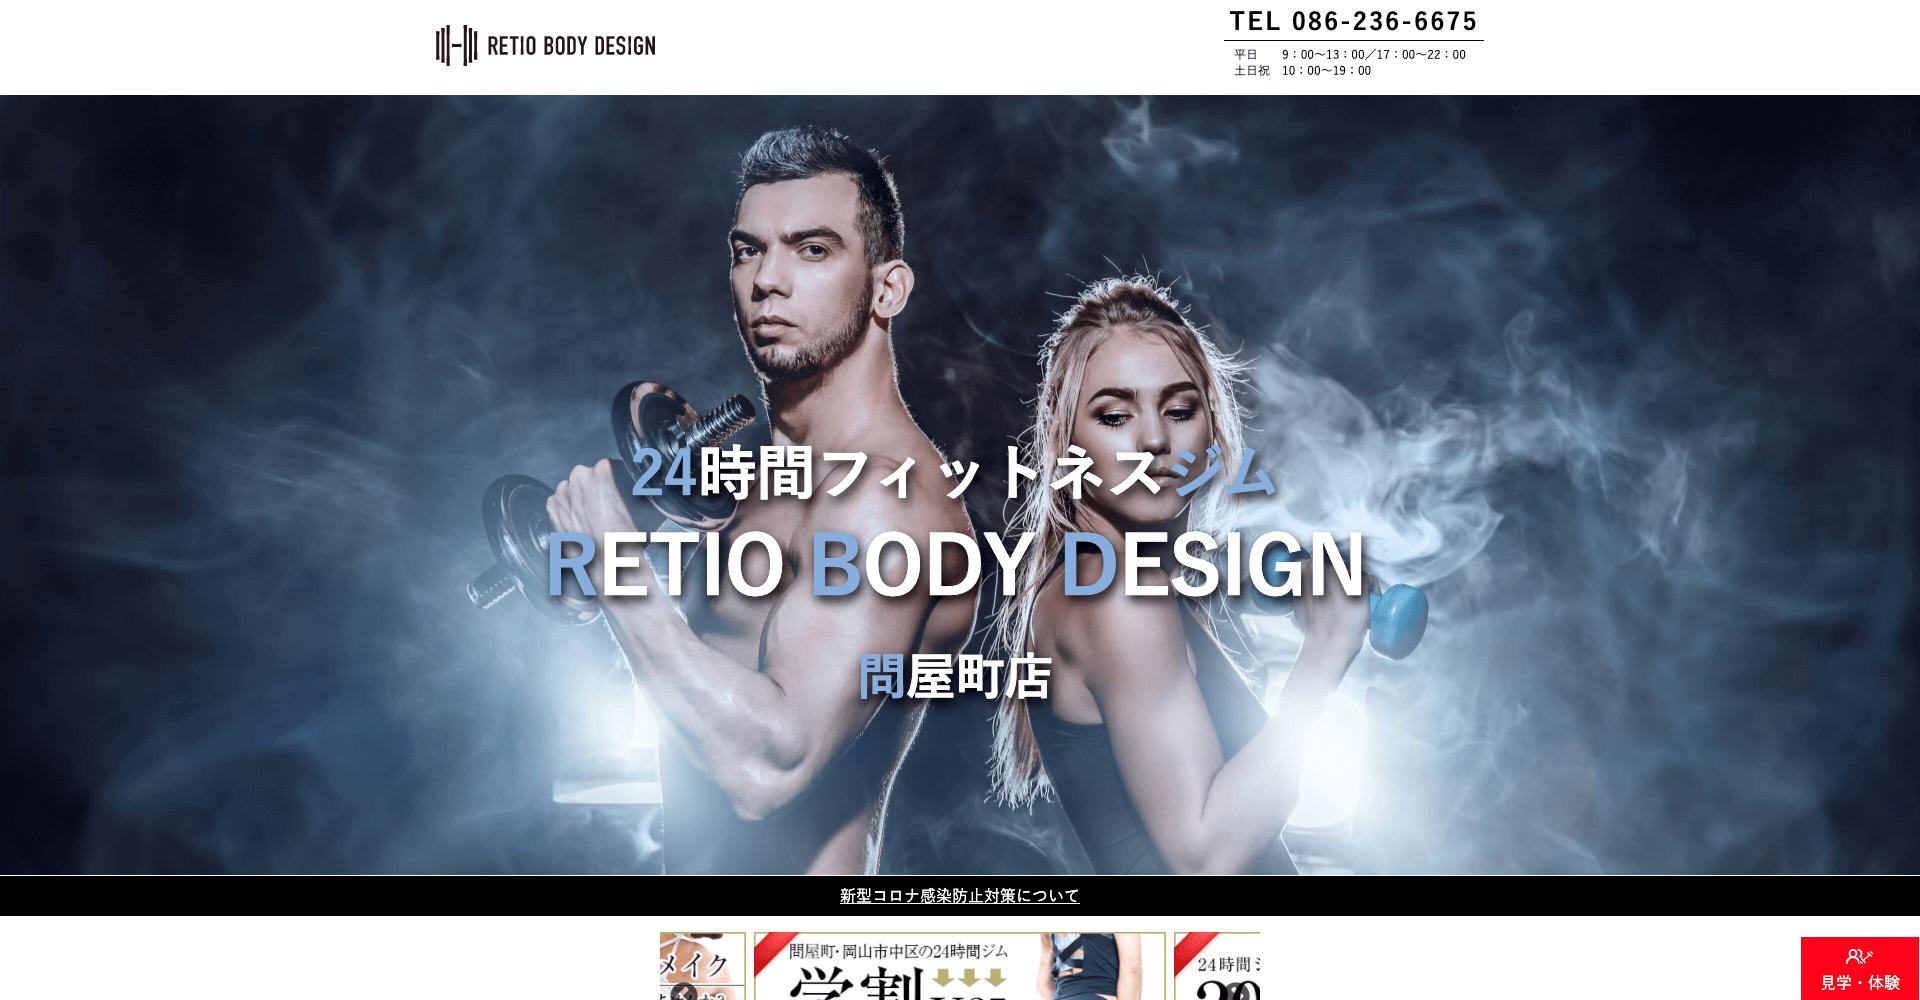 RETIO BODY DESIGN岡山問屋町店/レシオボディデザイン岡山問屋町店